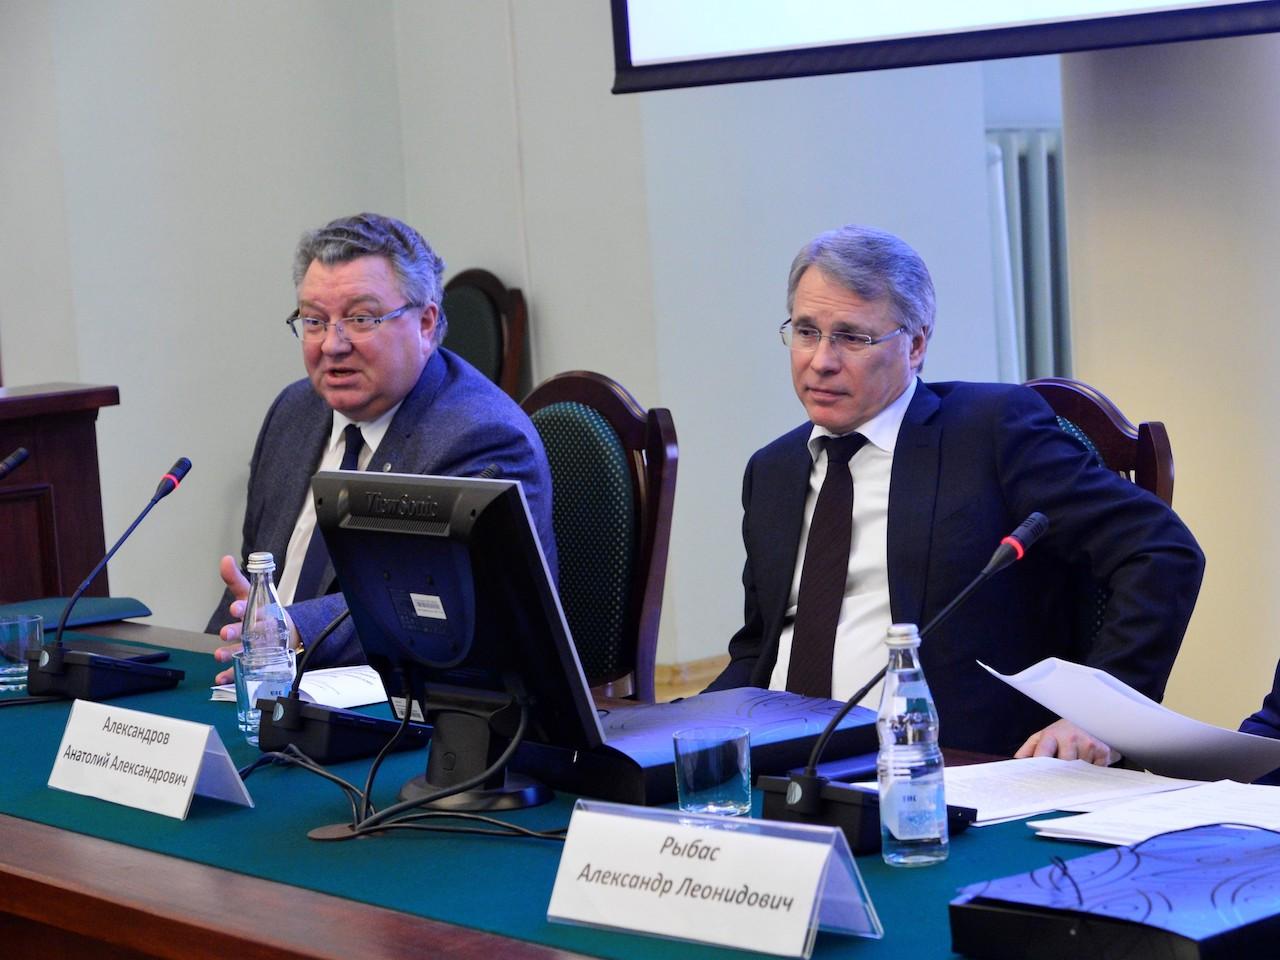 Очередное заседание Совета Сетевого университета в сфере промышленной, ядерной и энергетической безопасности